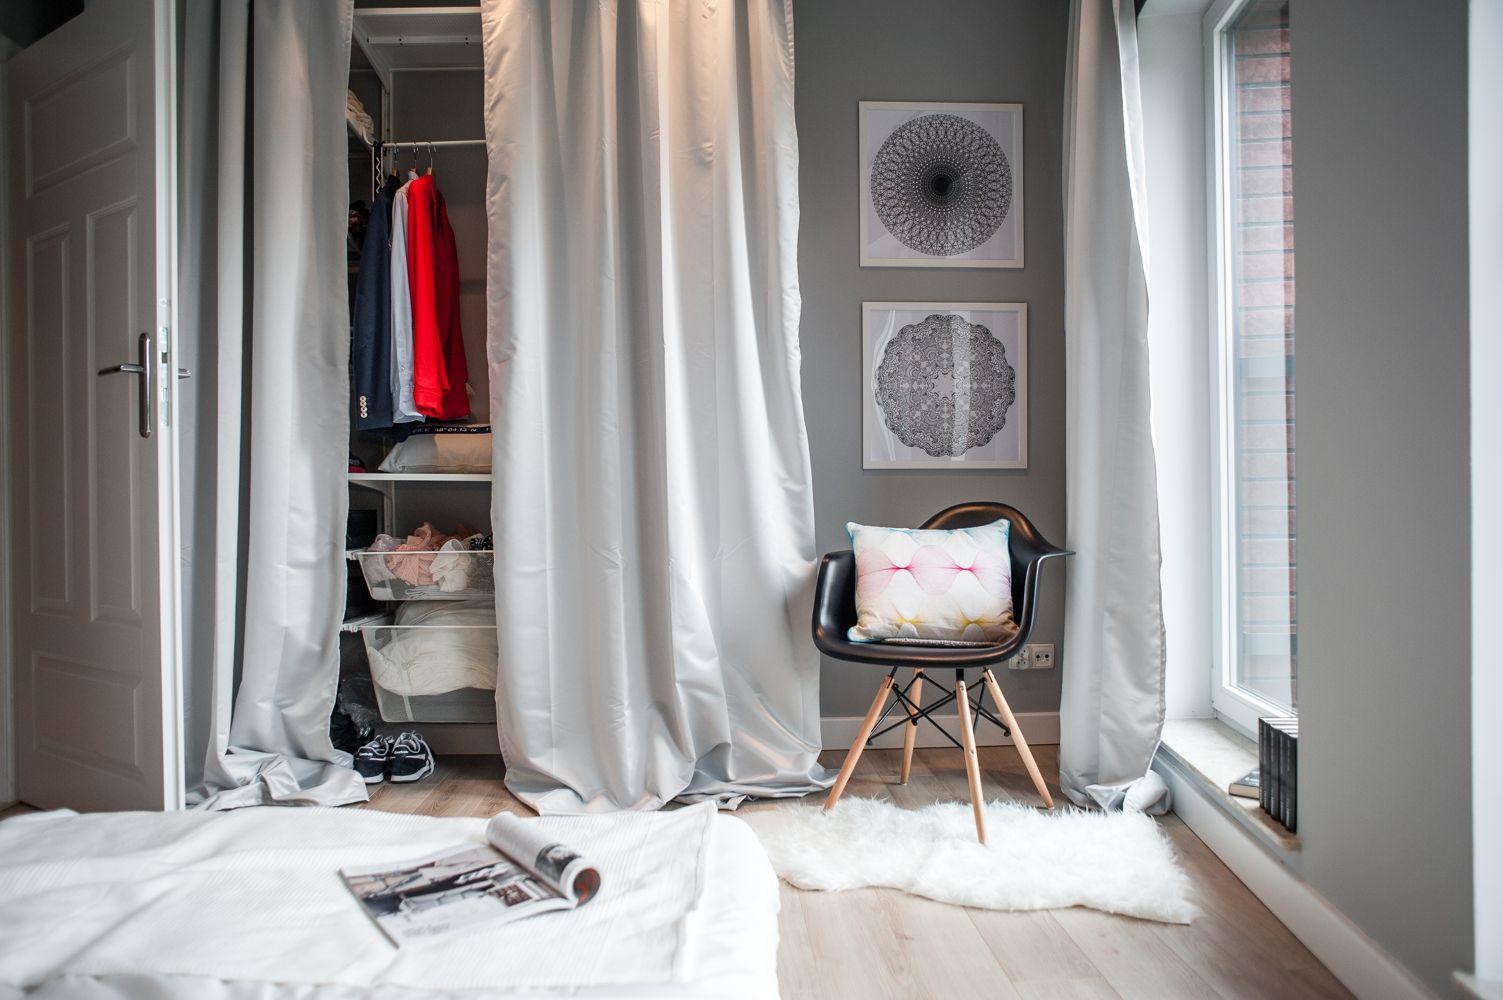 Departamento peque o y moderno de 2 ambientes for Cortinas para departamentos pequenos